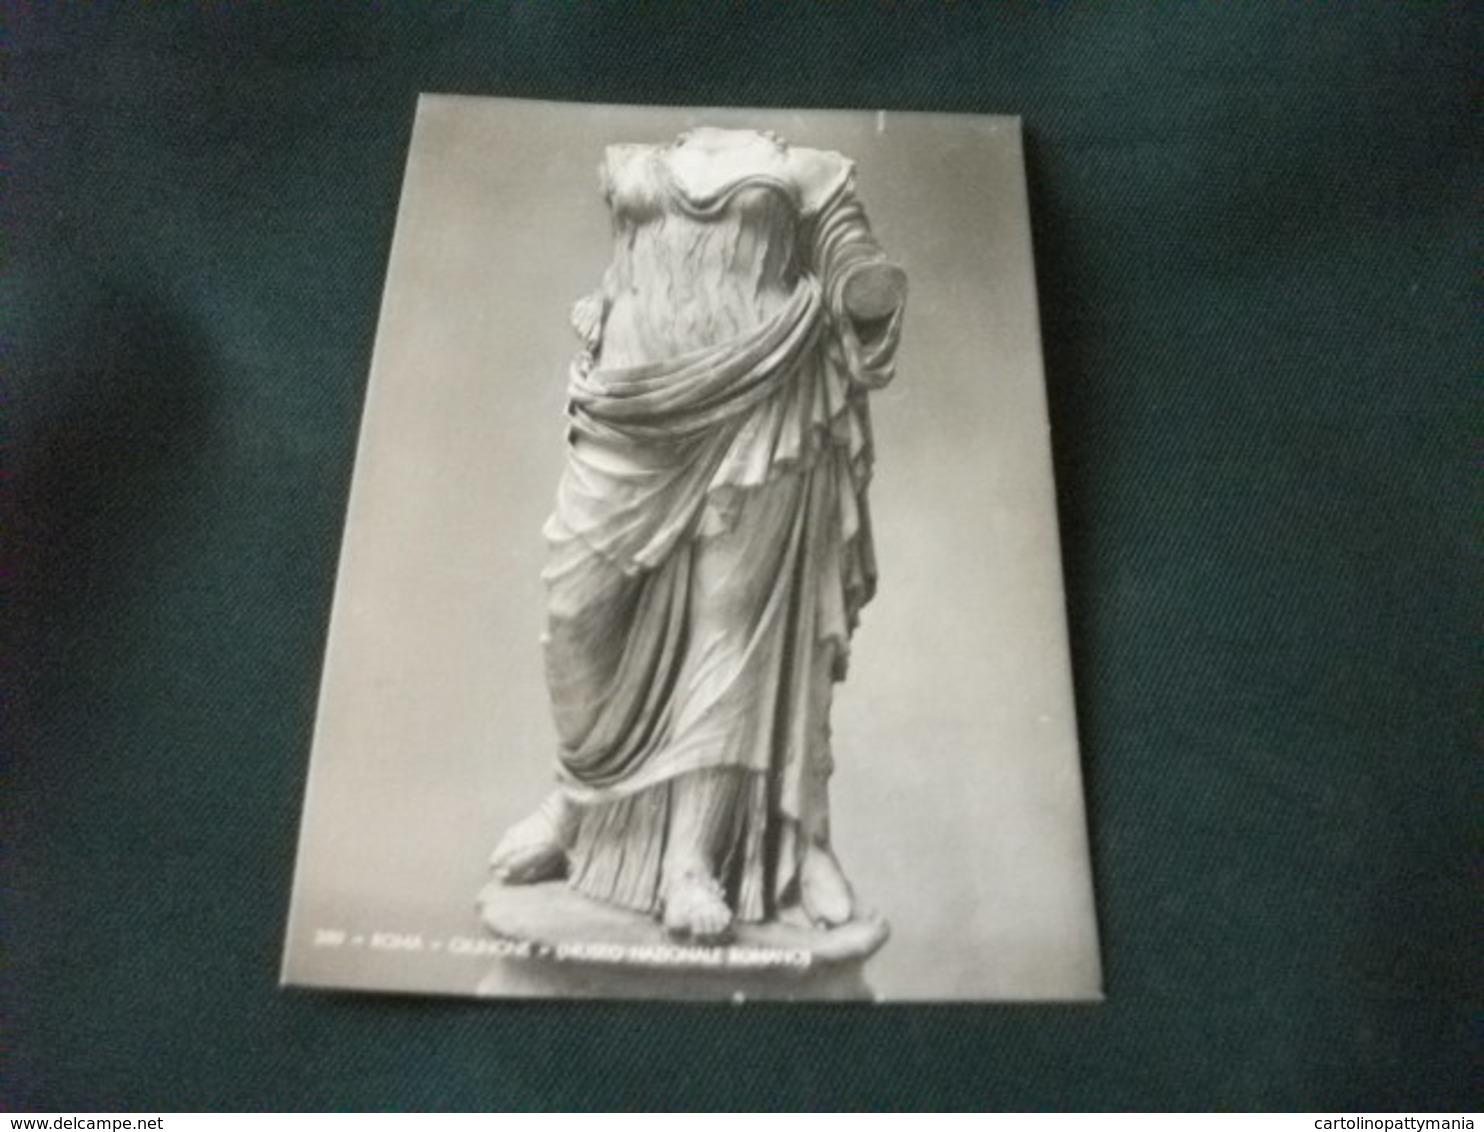 STORIA POSTALE  FRANCOBOLLO ITALIA TURISTICA ROMA GIUNONE MUSEO ROMANO - Sculture